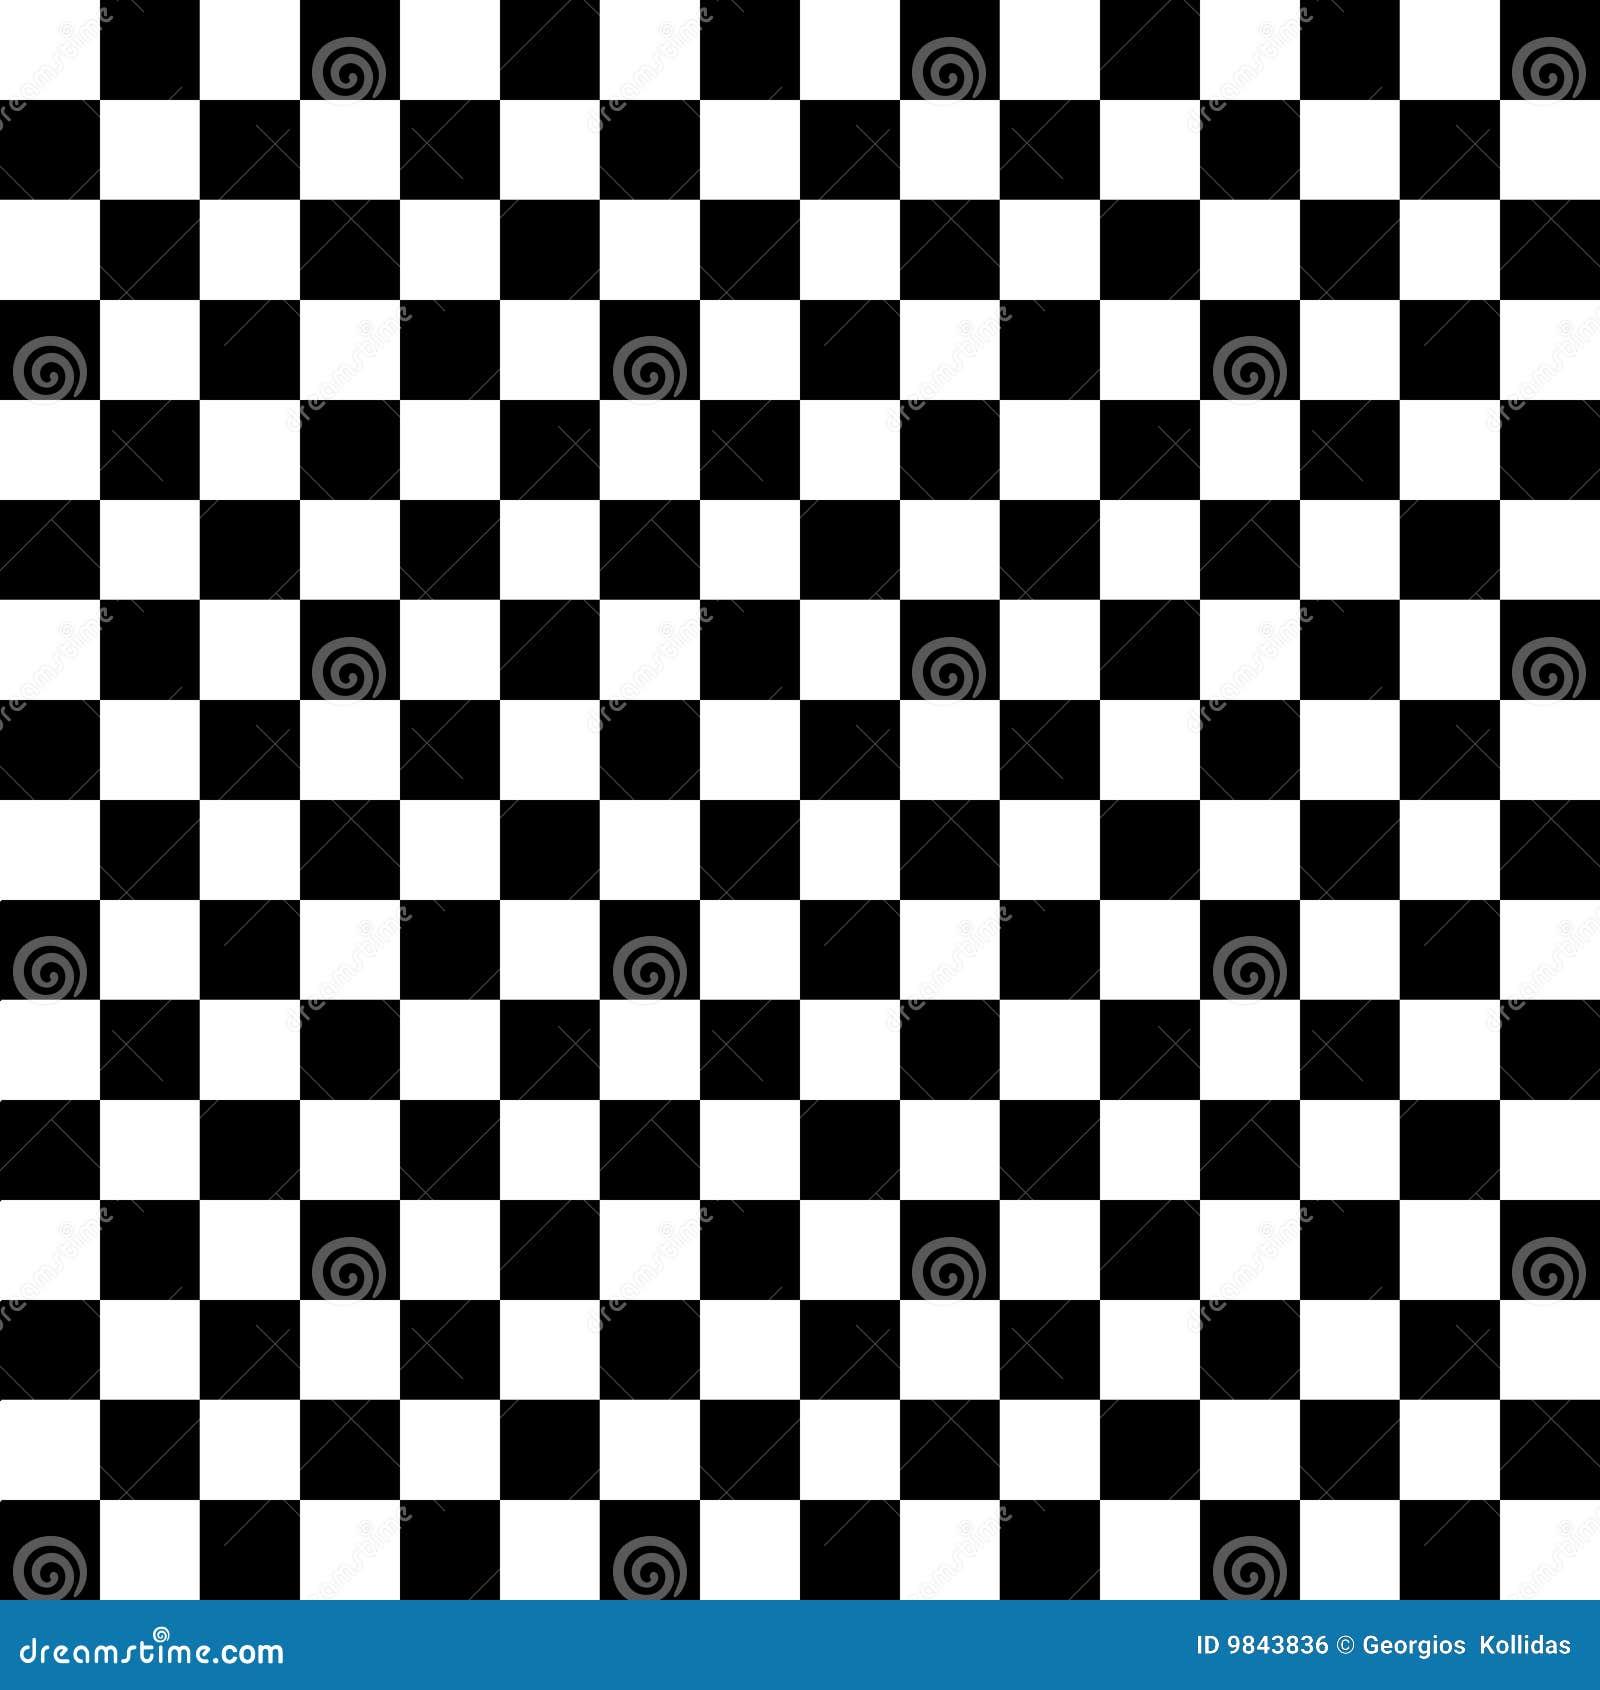 10 In Hexgon Floor Black And White